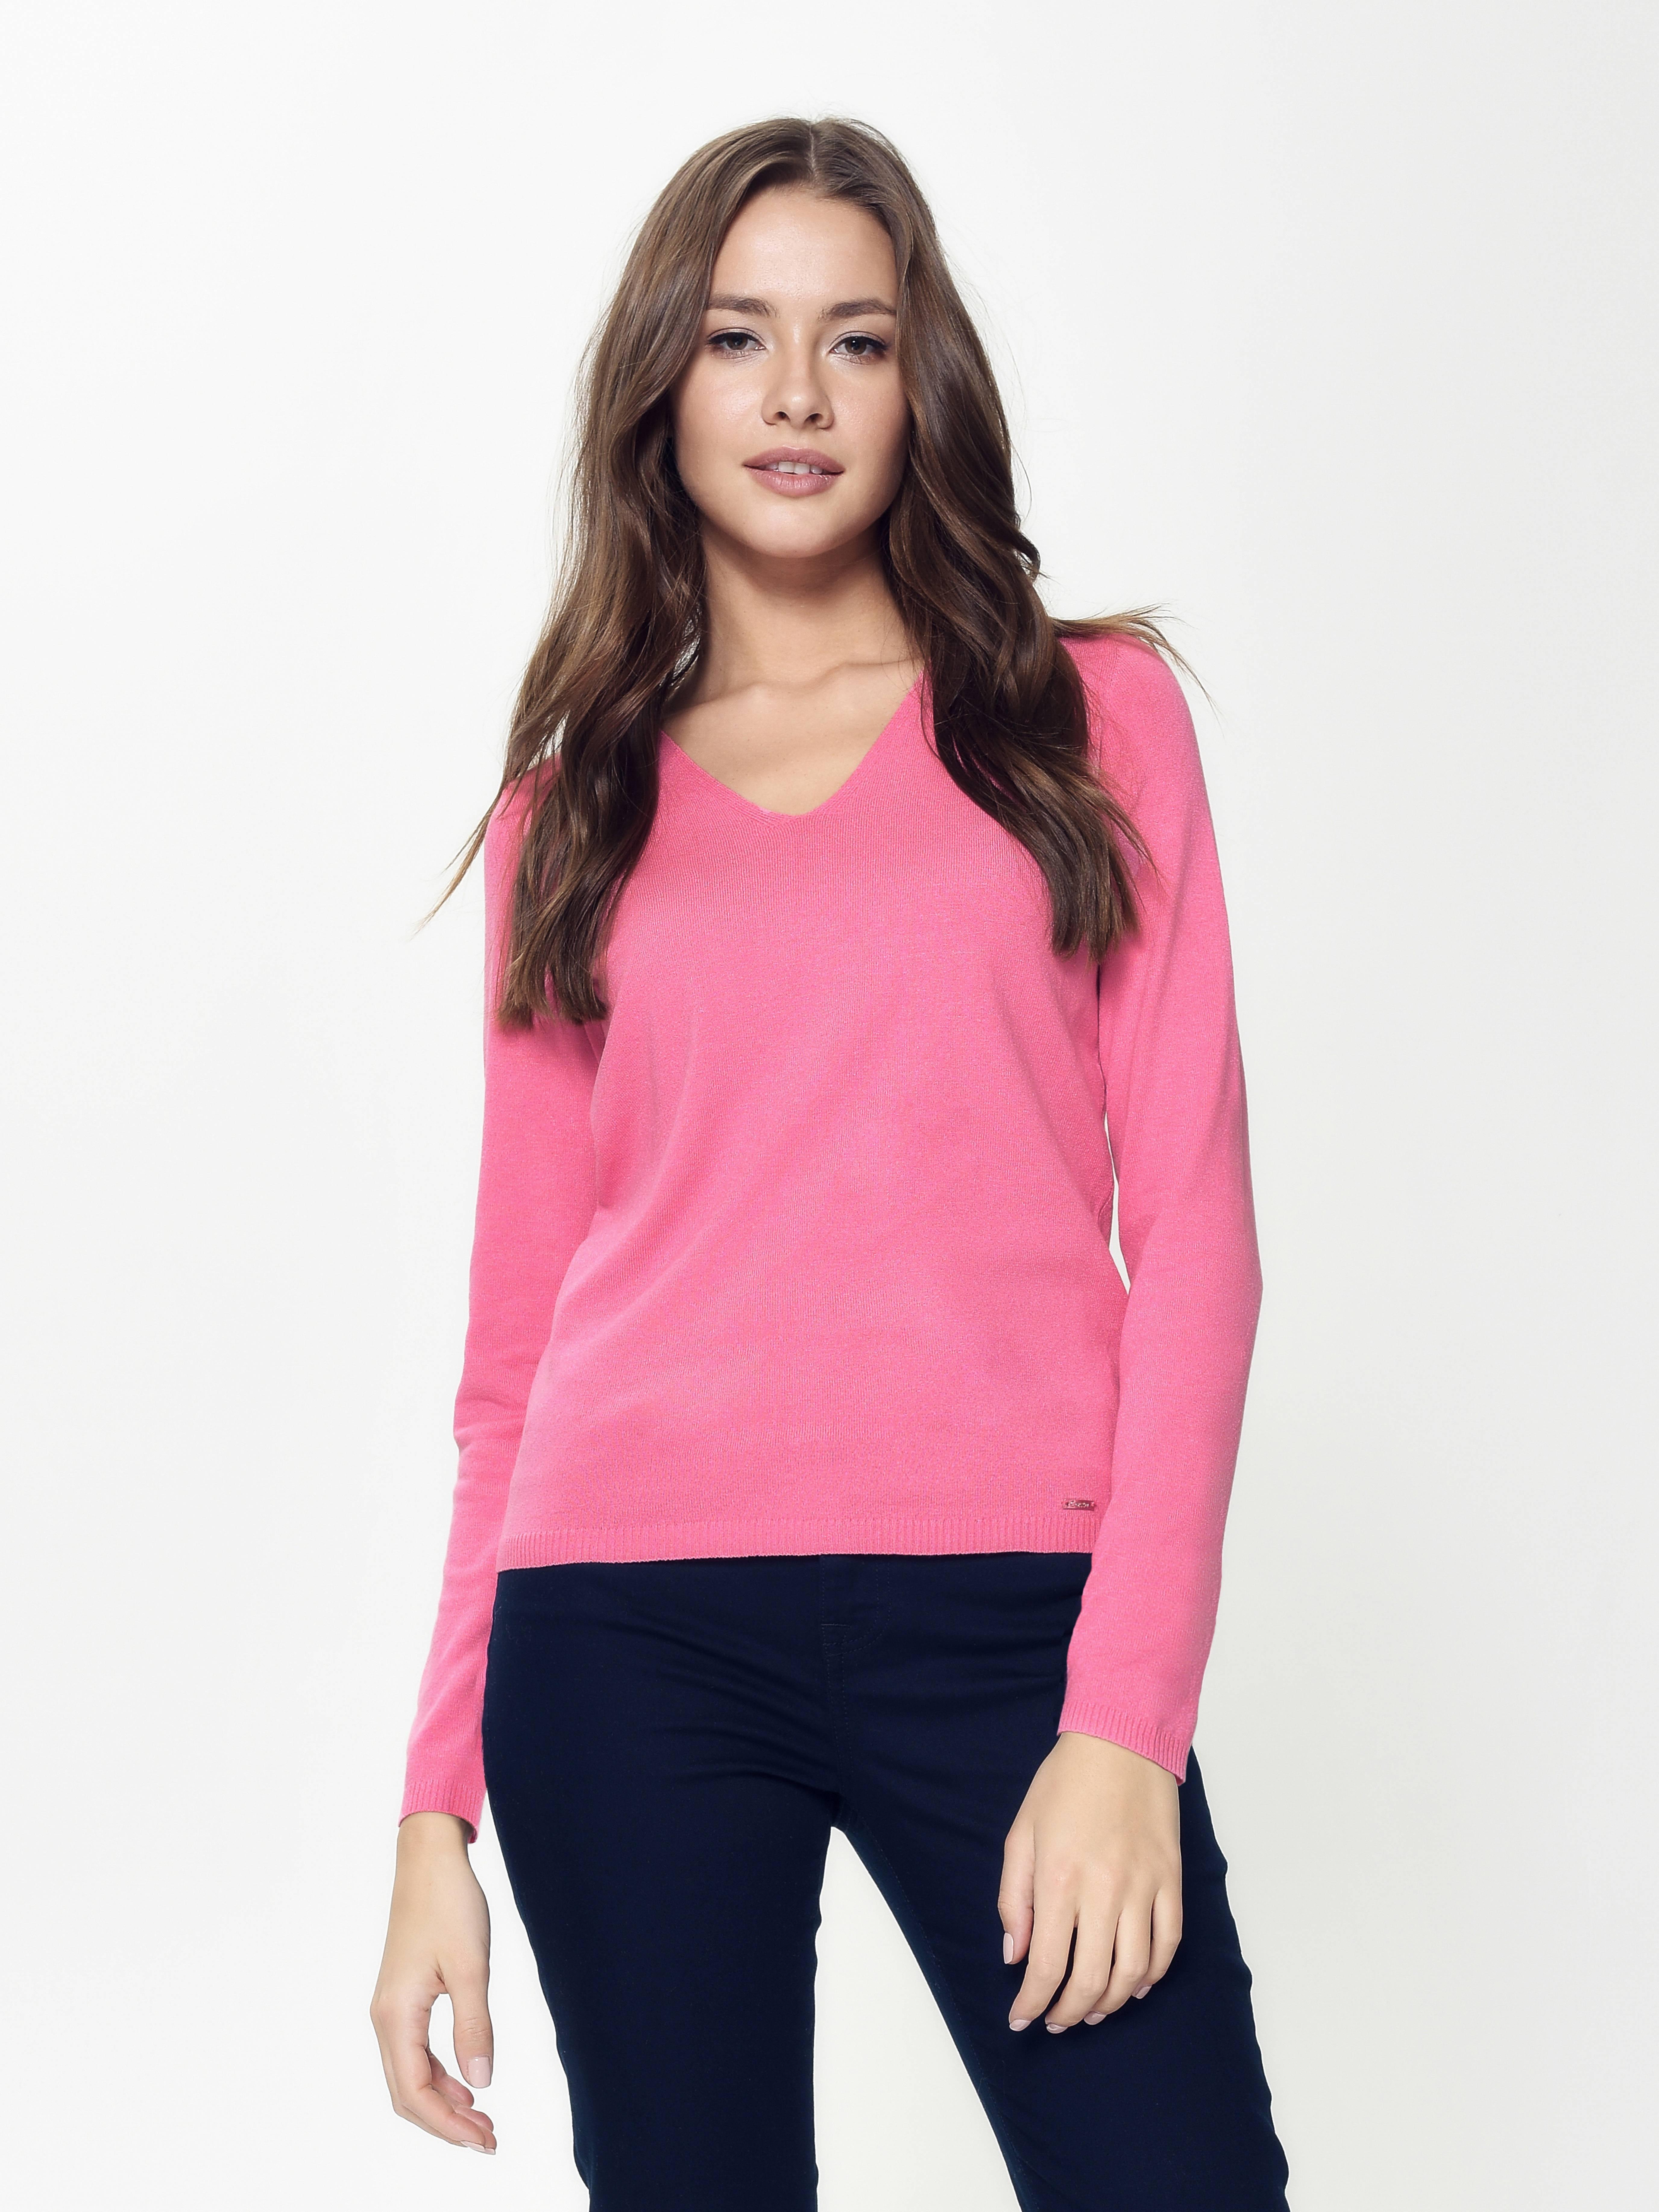 Джемпер женский ⭐️ Пуловер из пряжи с вискозой премиального качества LDK044 ⭐️